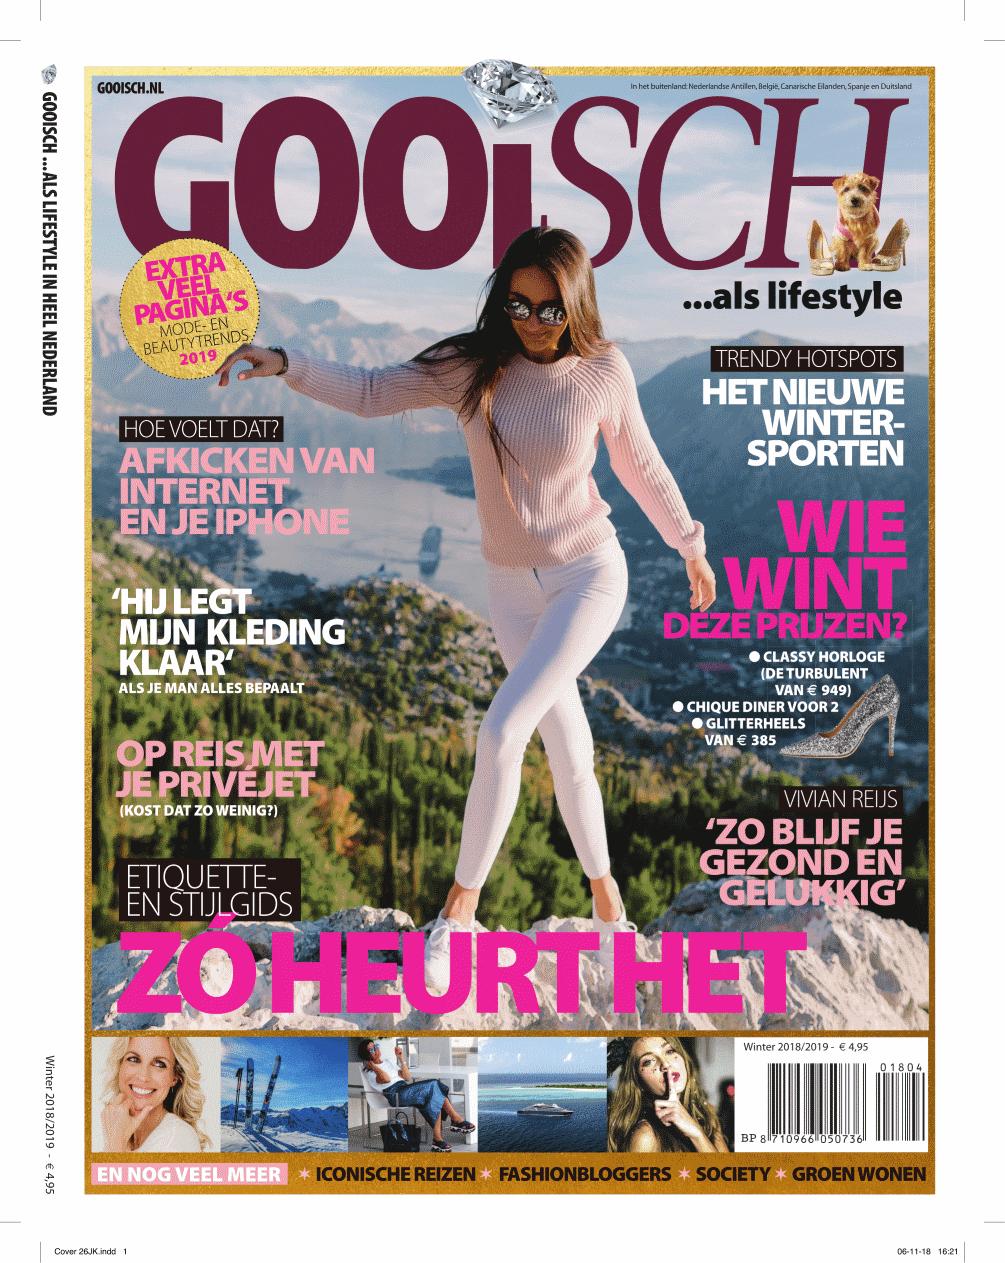 Cover Gooisch Q4 2018